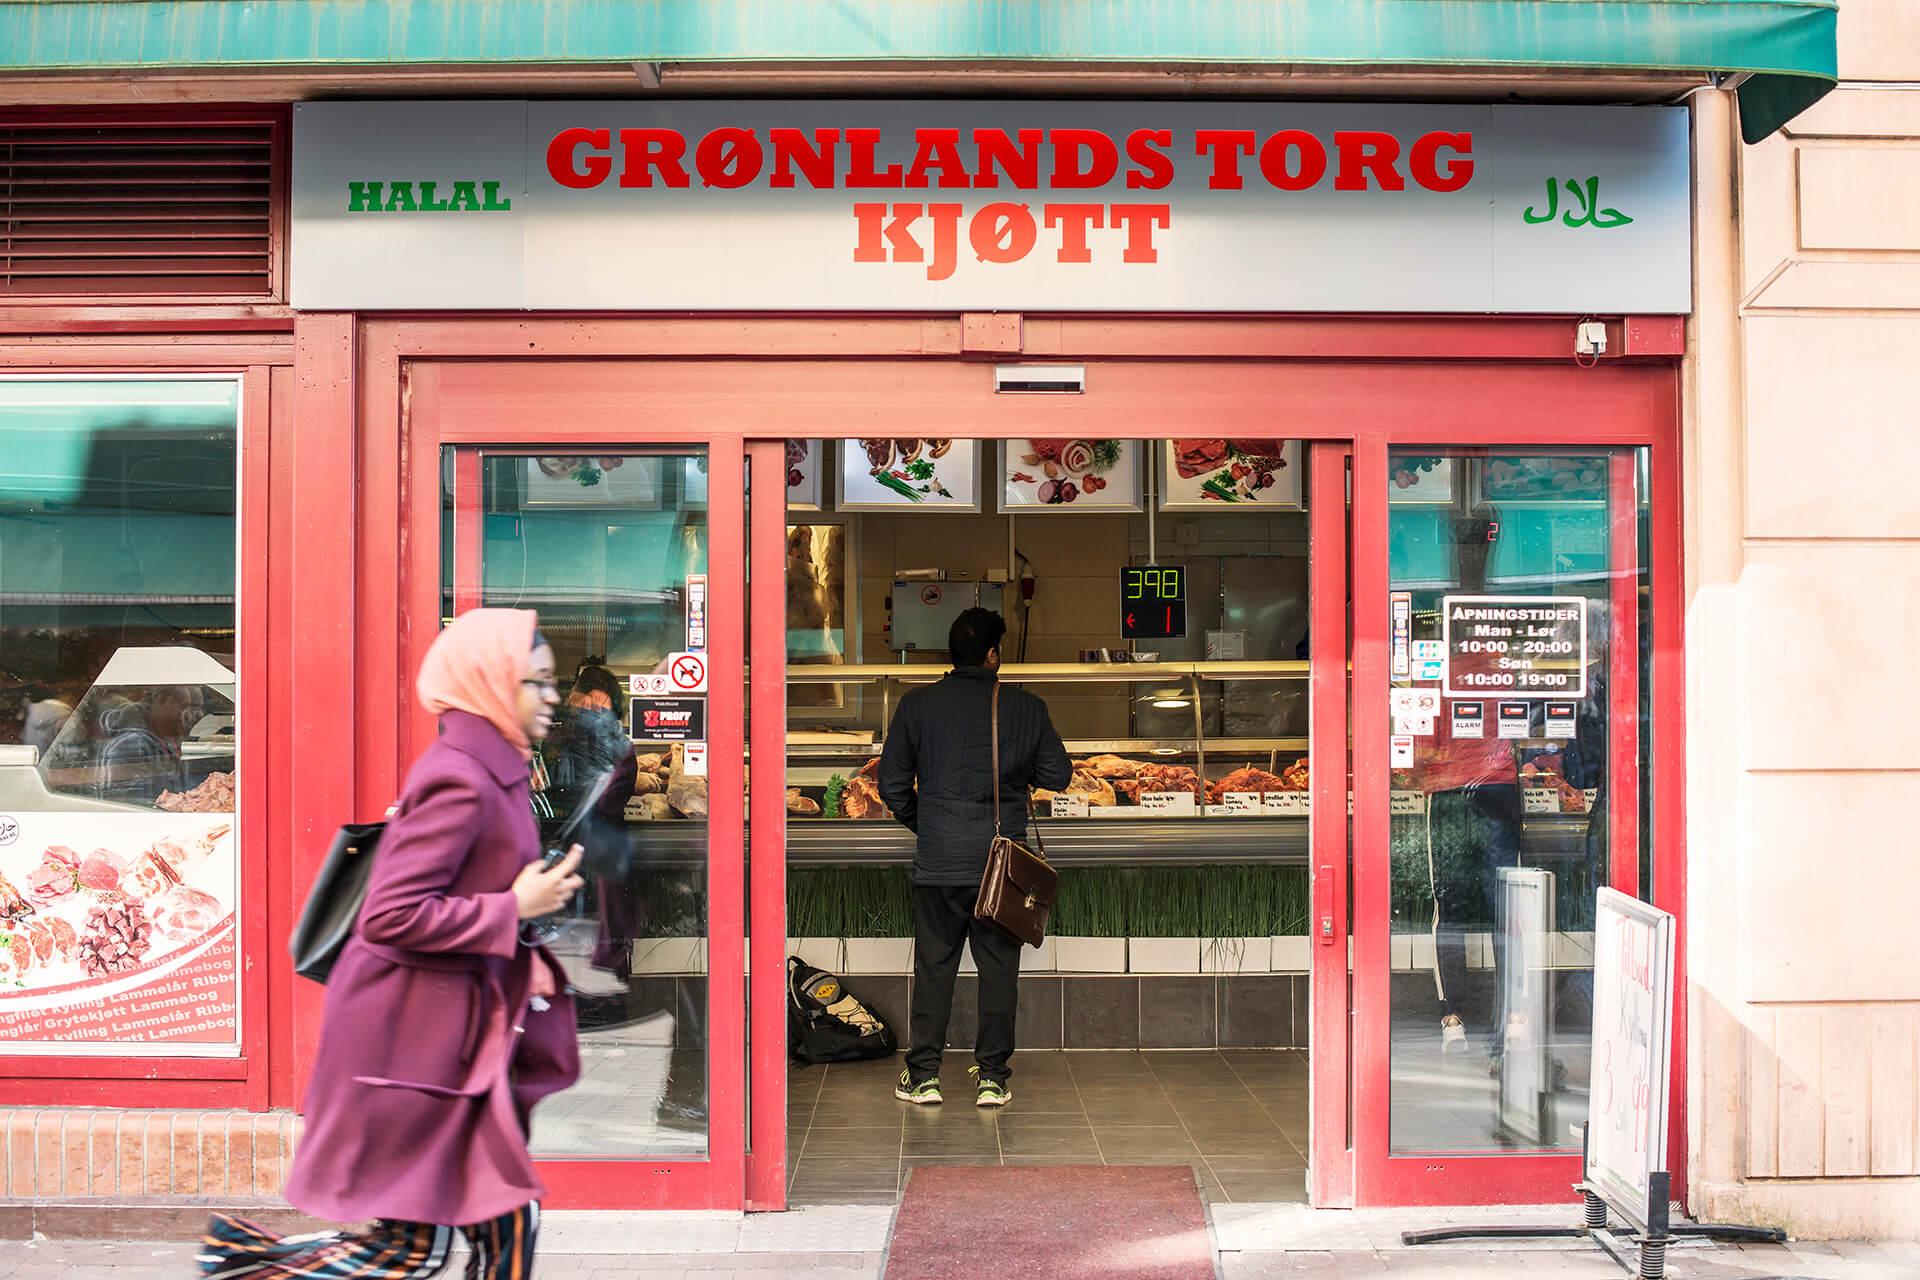 Inngangen til Grønlands Torg Kjøtt